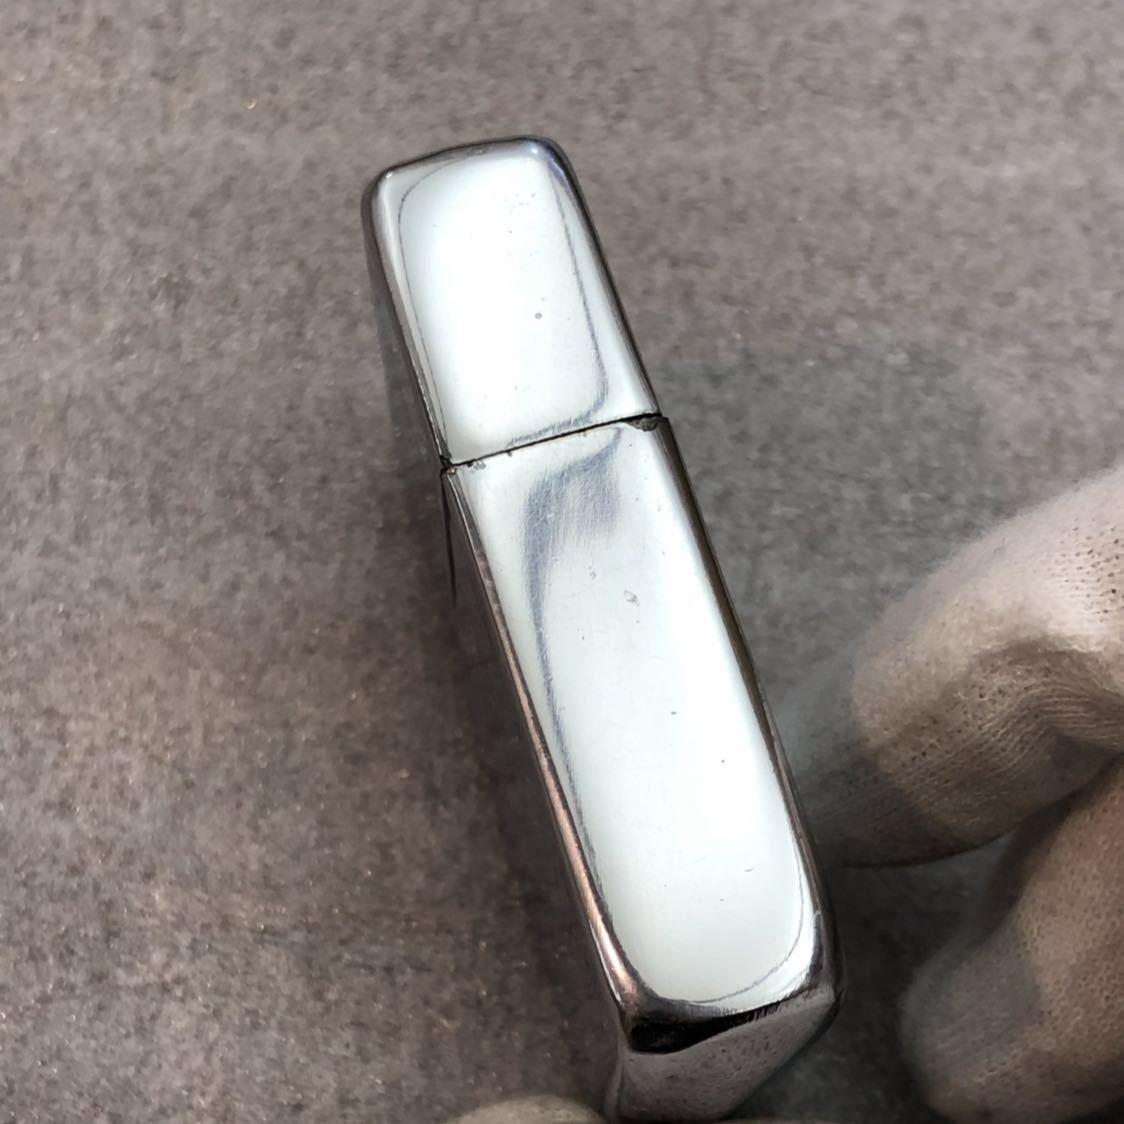 【定番】ZIPPO ジッポ ジッポー シルバーカラー シンプル ジッポライター オイルライター (中身2002年4月製造) 喫煙グッズ タバコ 煙草 /_画像4